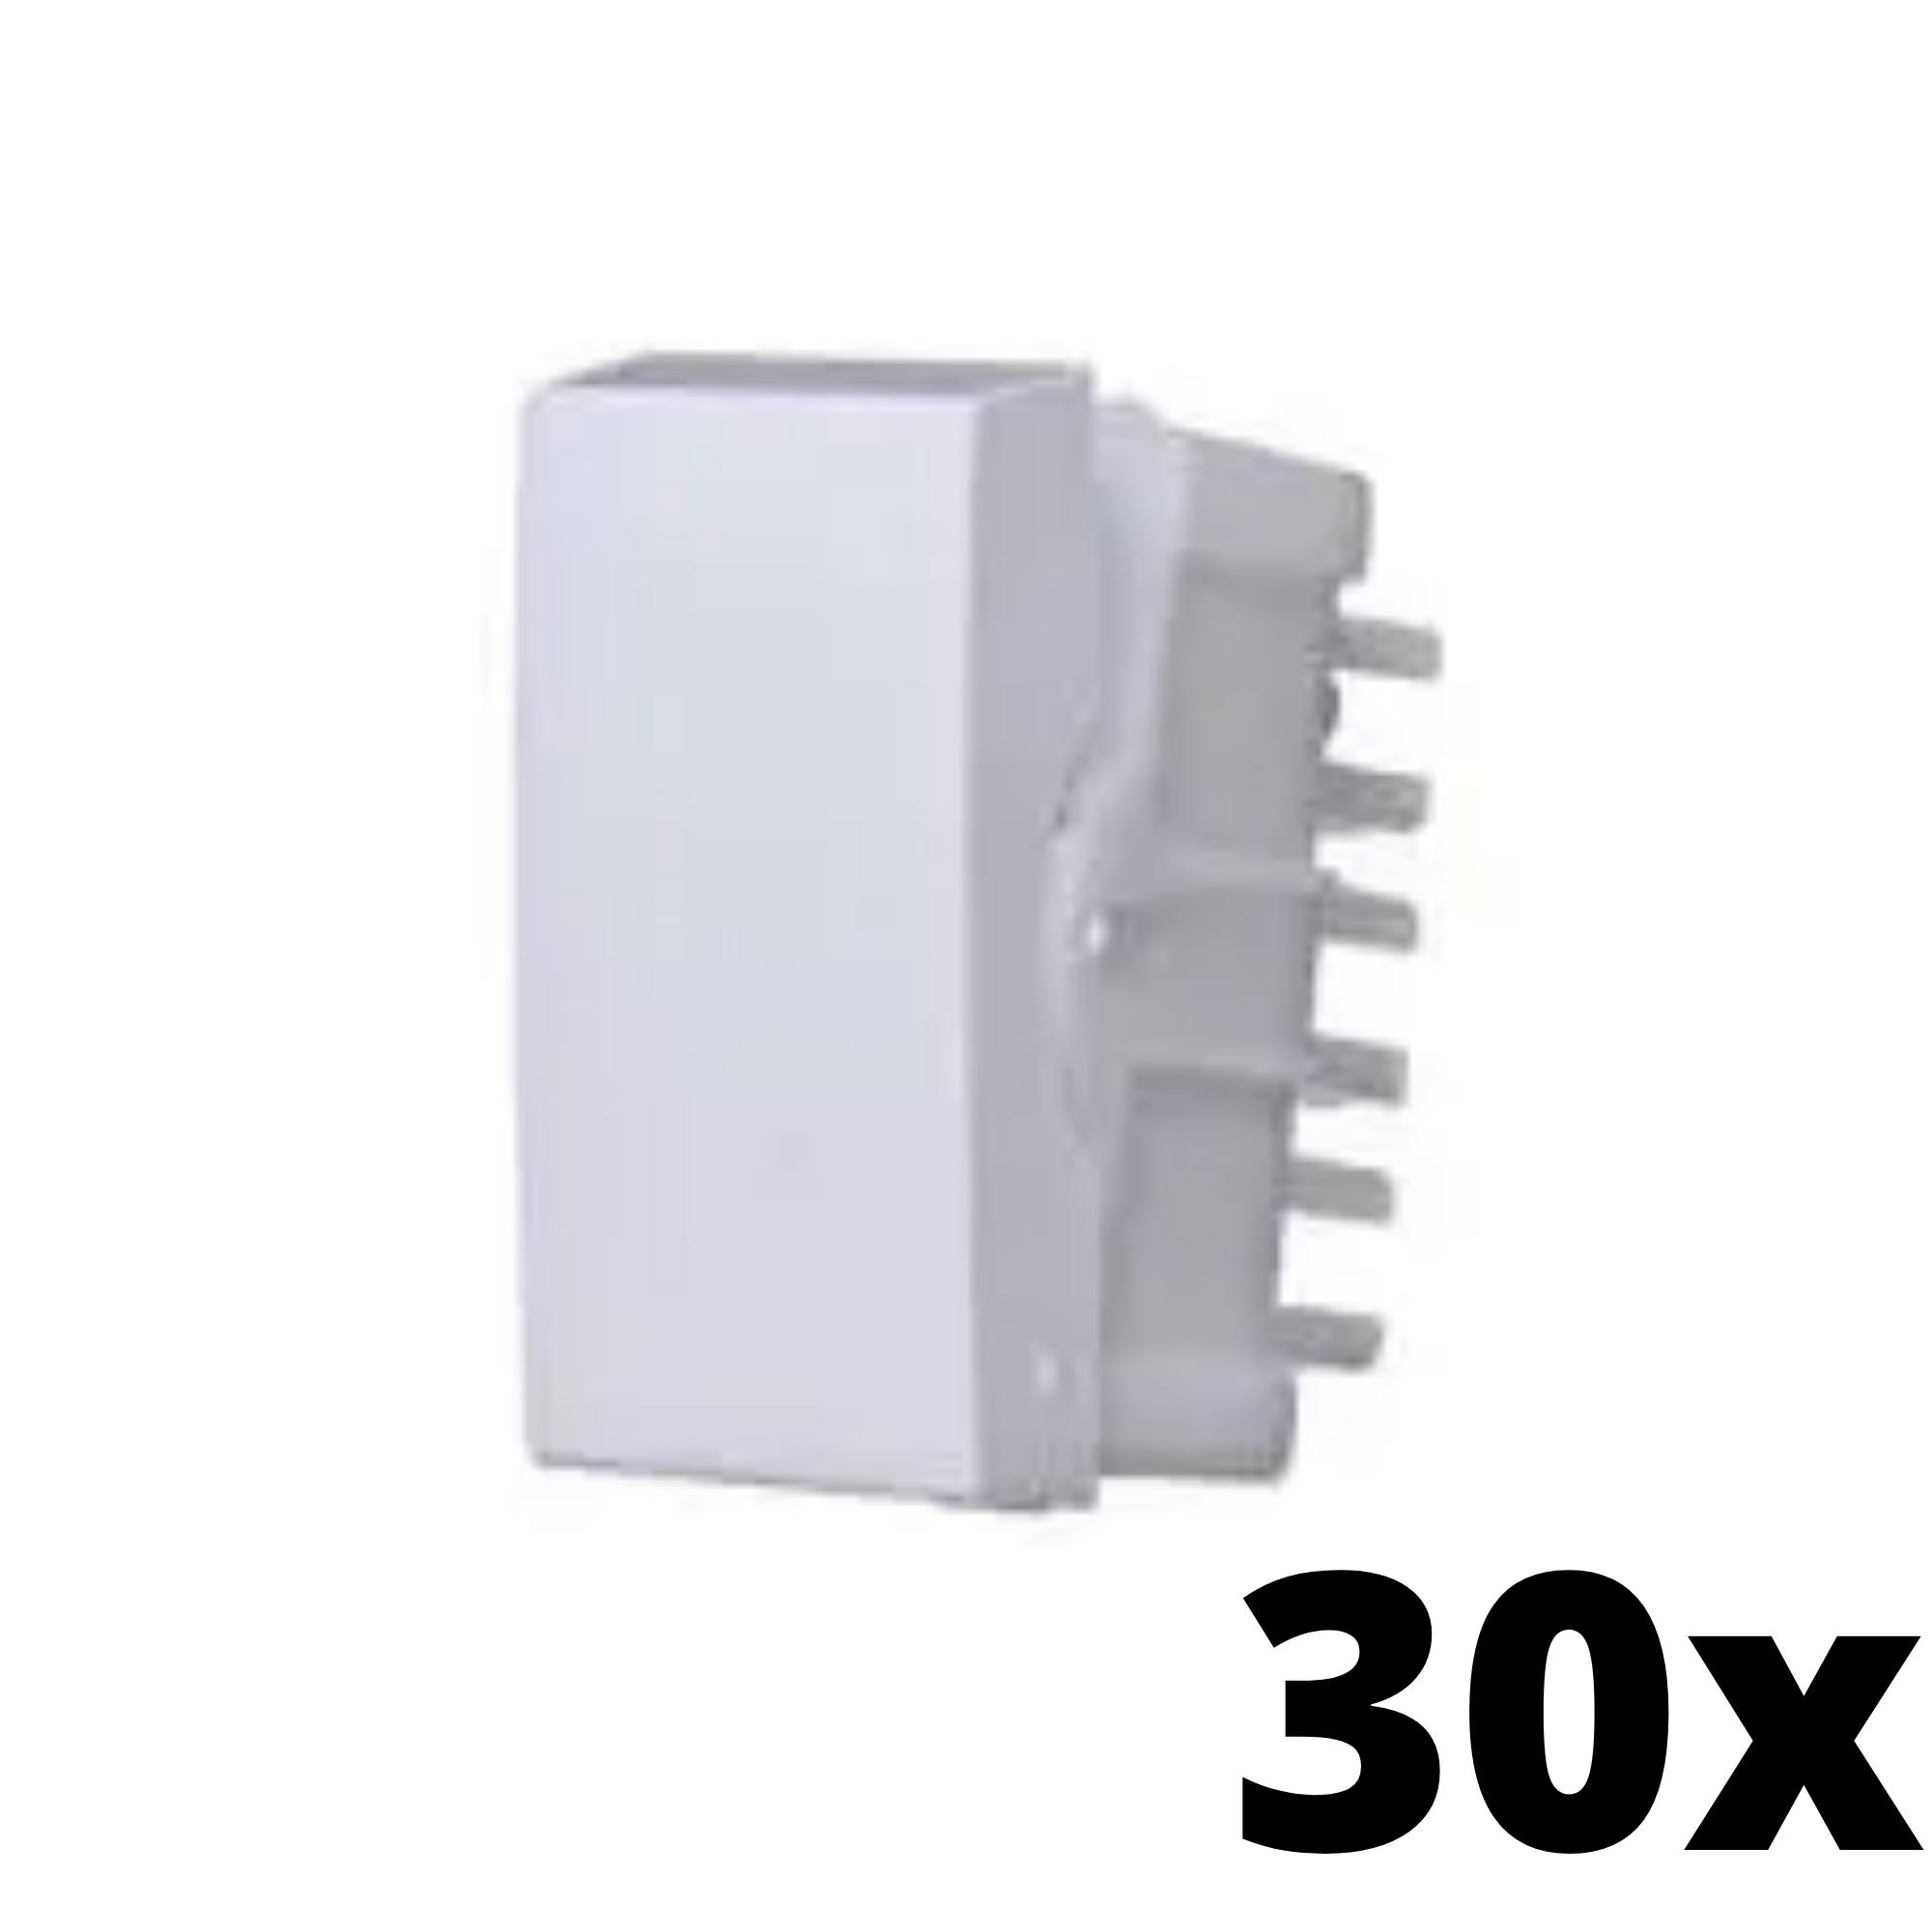 Kit 30 und Siena Módulo Interruptor Intermediário